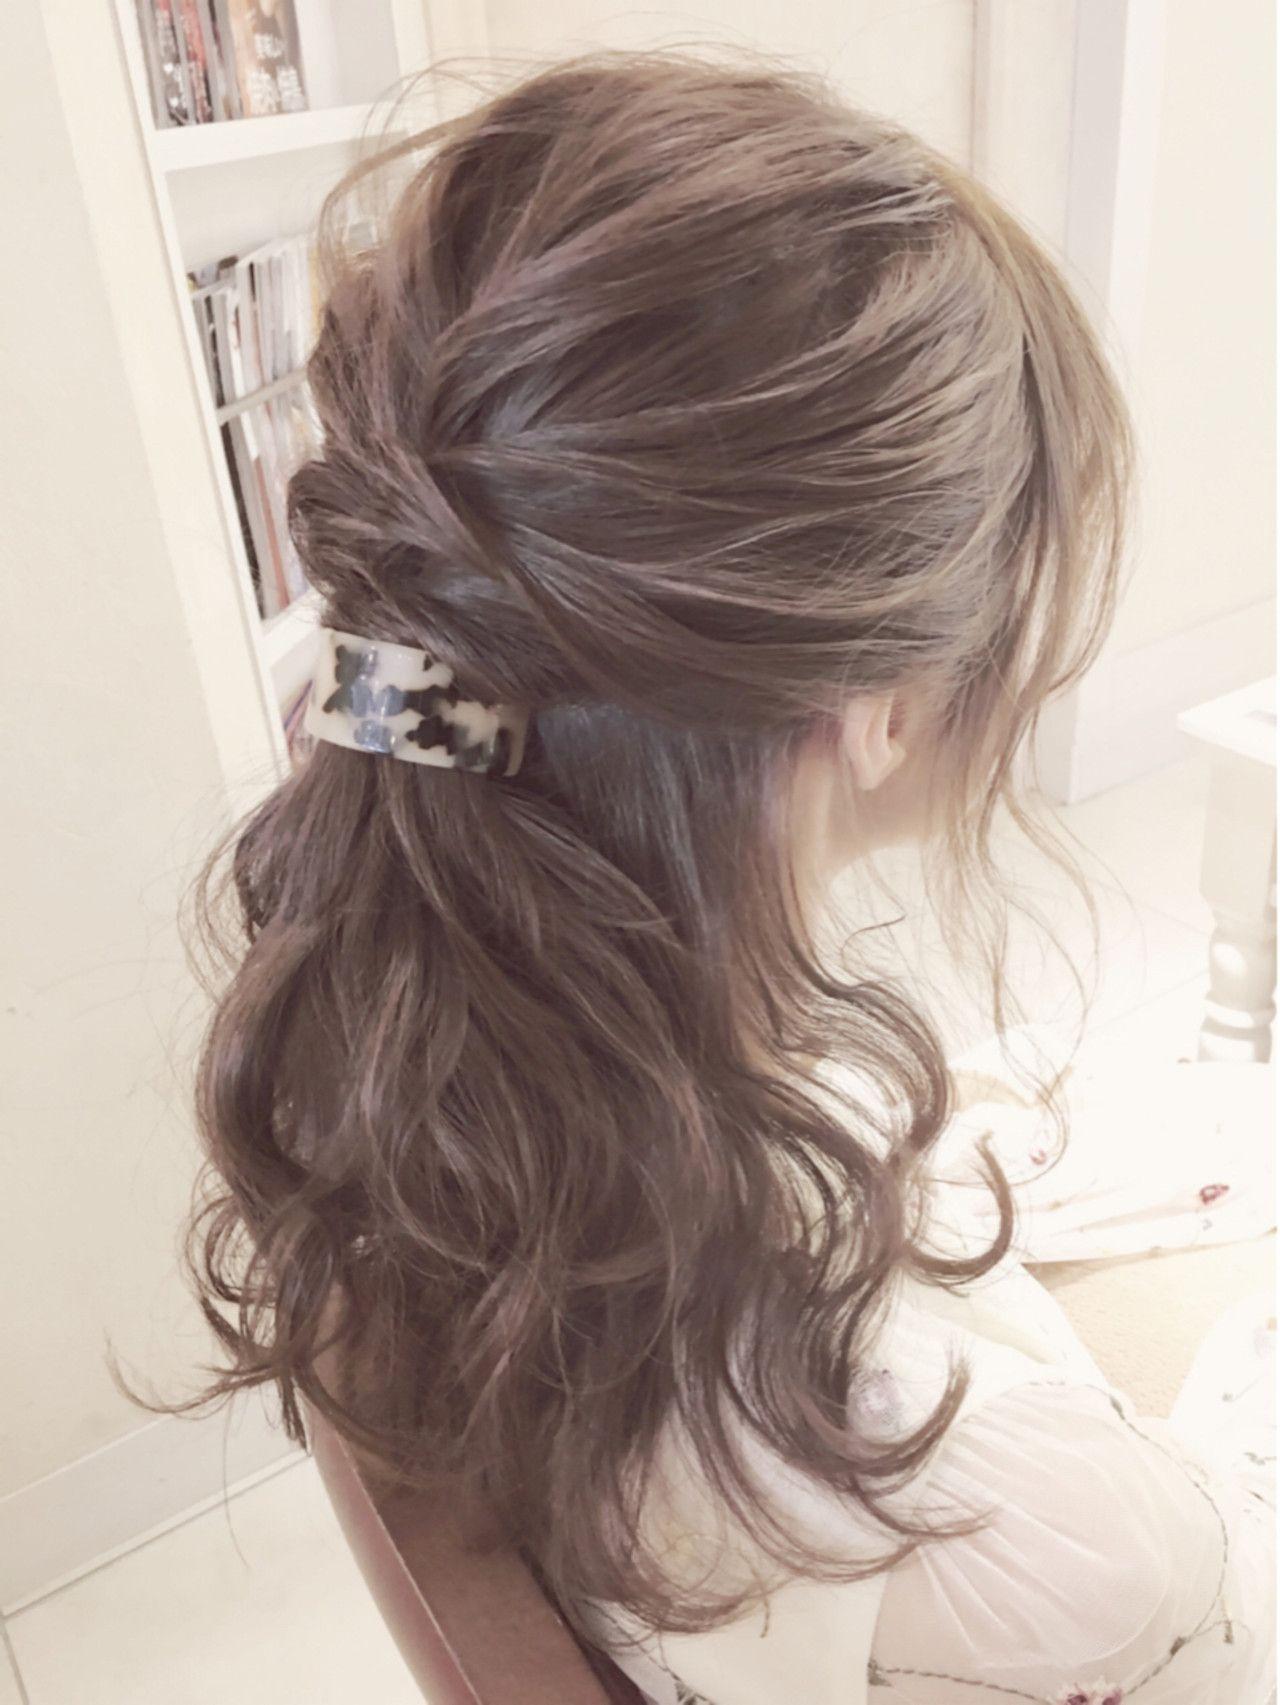 結婚式ヘアはハーフアップで 自分でもできるヘアアレンジもあり ヘアスタイリング 結婚式 ヘアスタイル お呼ばれ 簡単ヘア